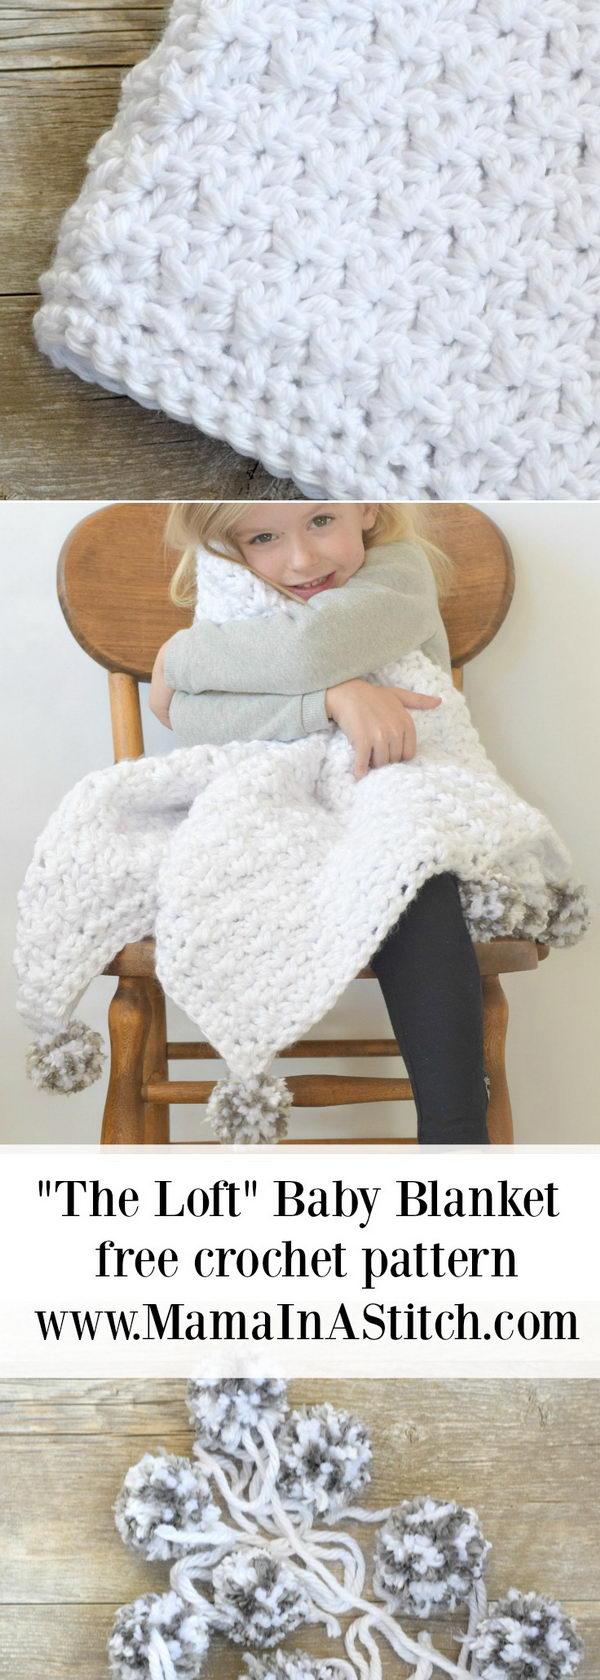 Pom Pom Baby Blanket Free Crochet Pattern.